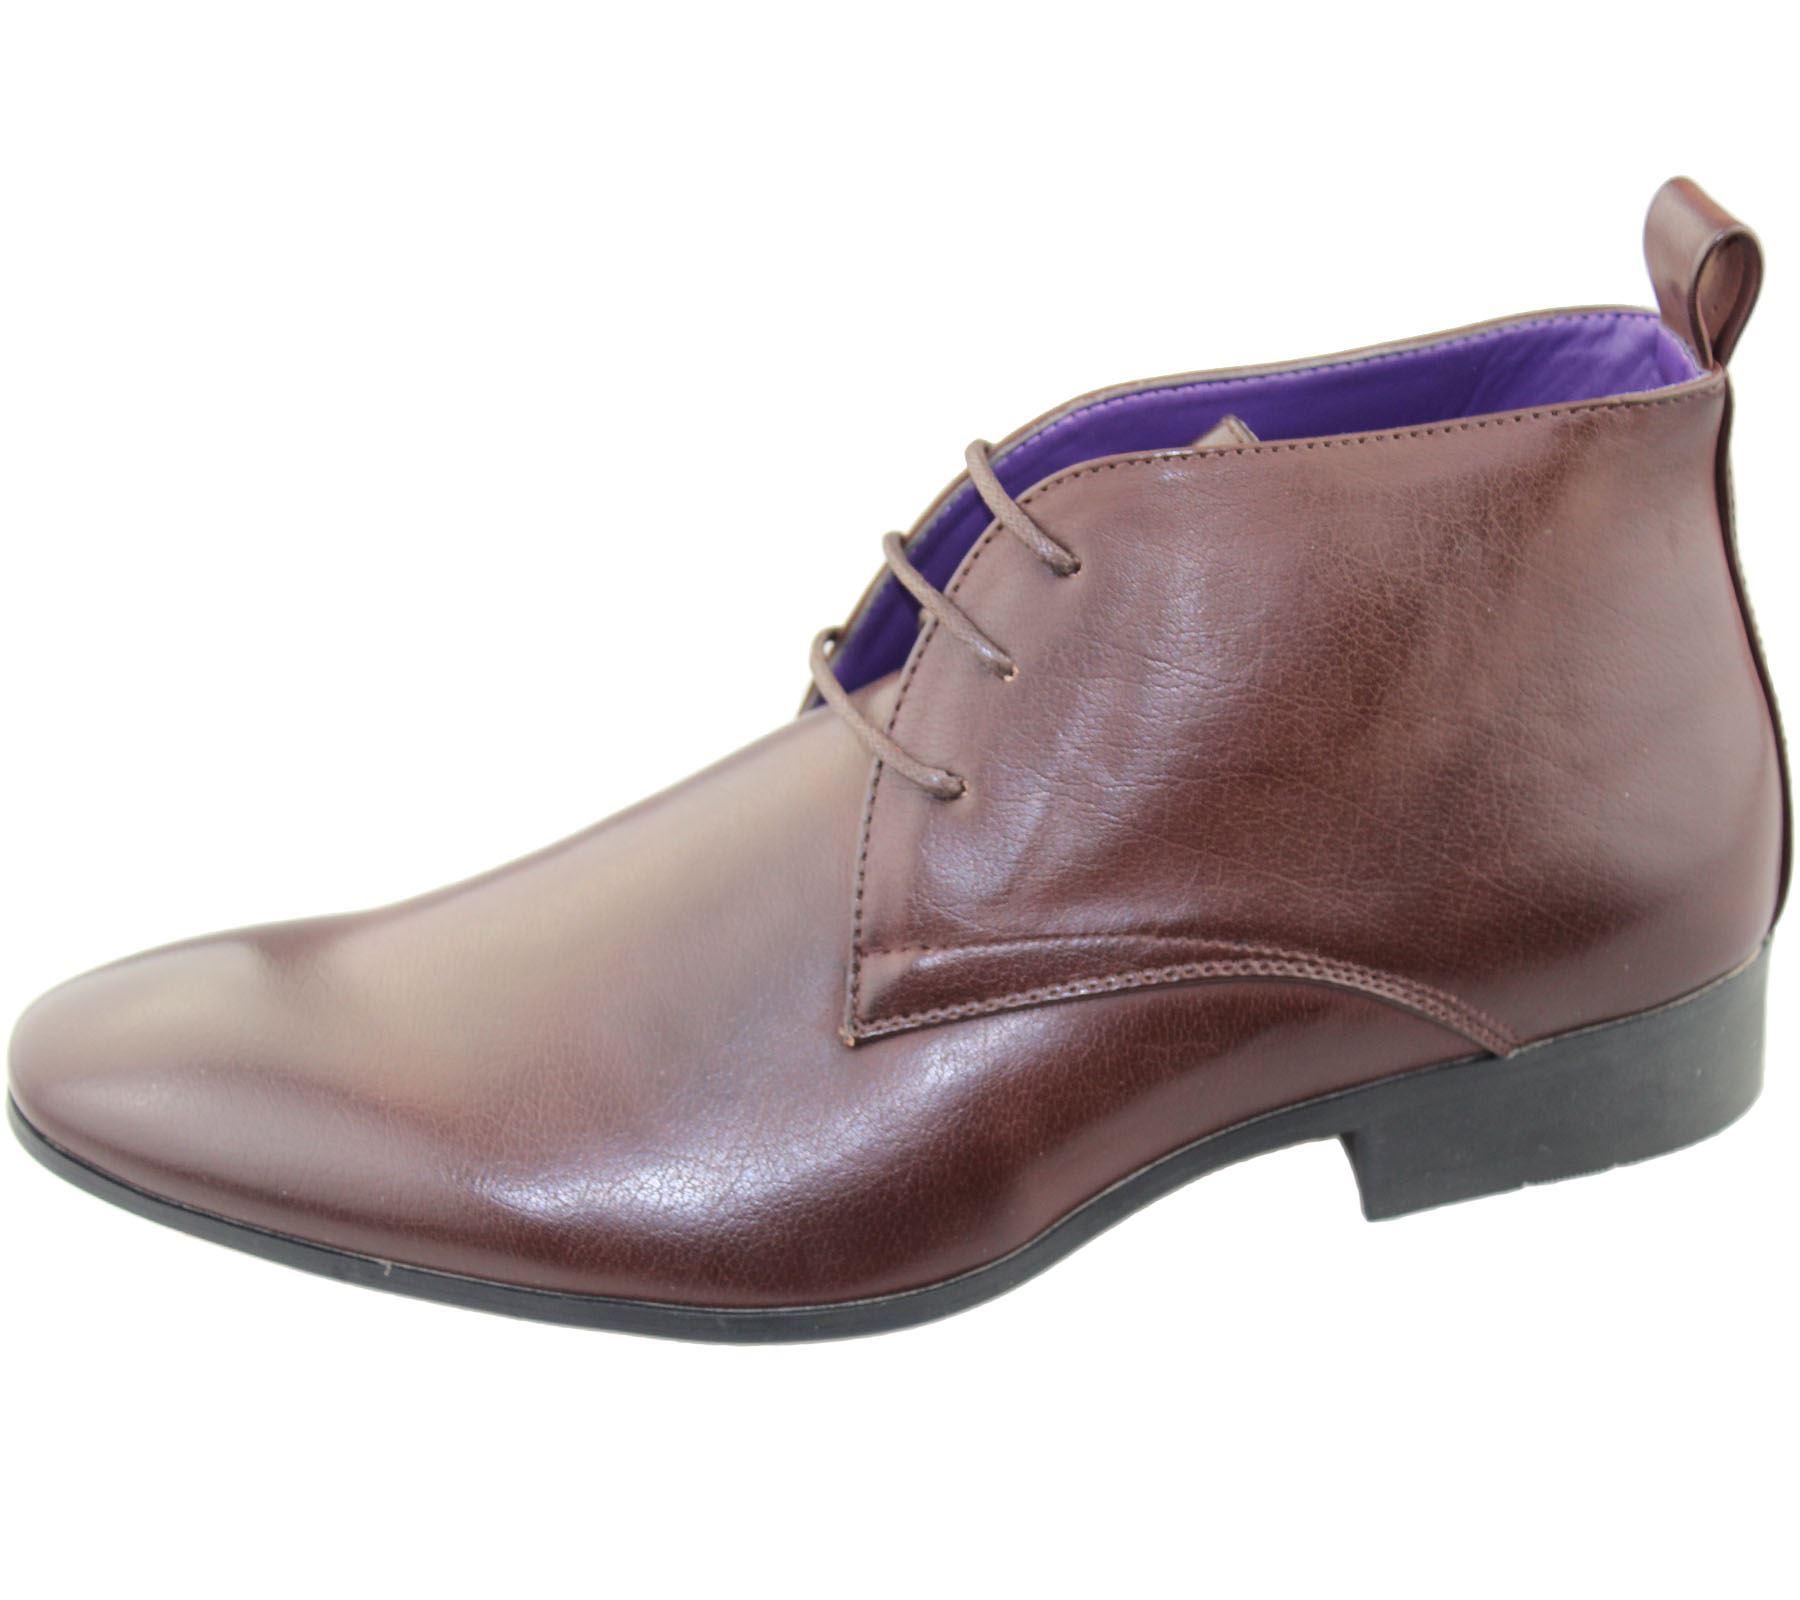 Herren Office Schuhe hoch TOP Hochzeit Freizeit Formell Smart Kleid Neu Größe